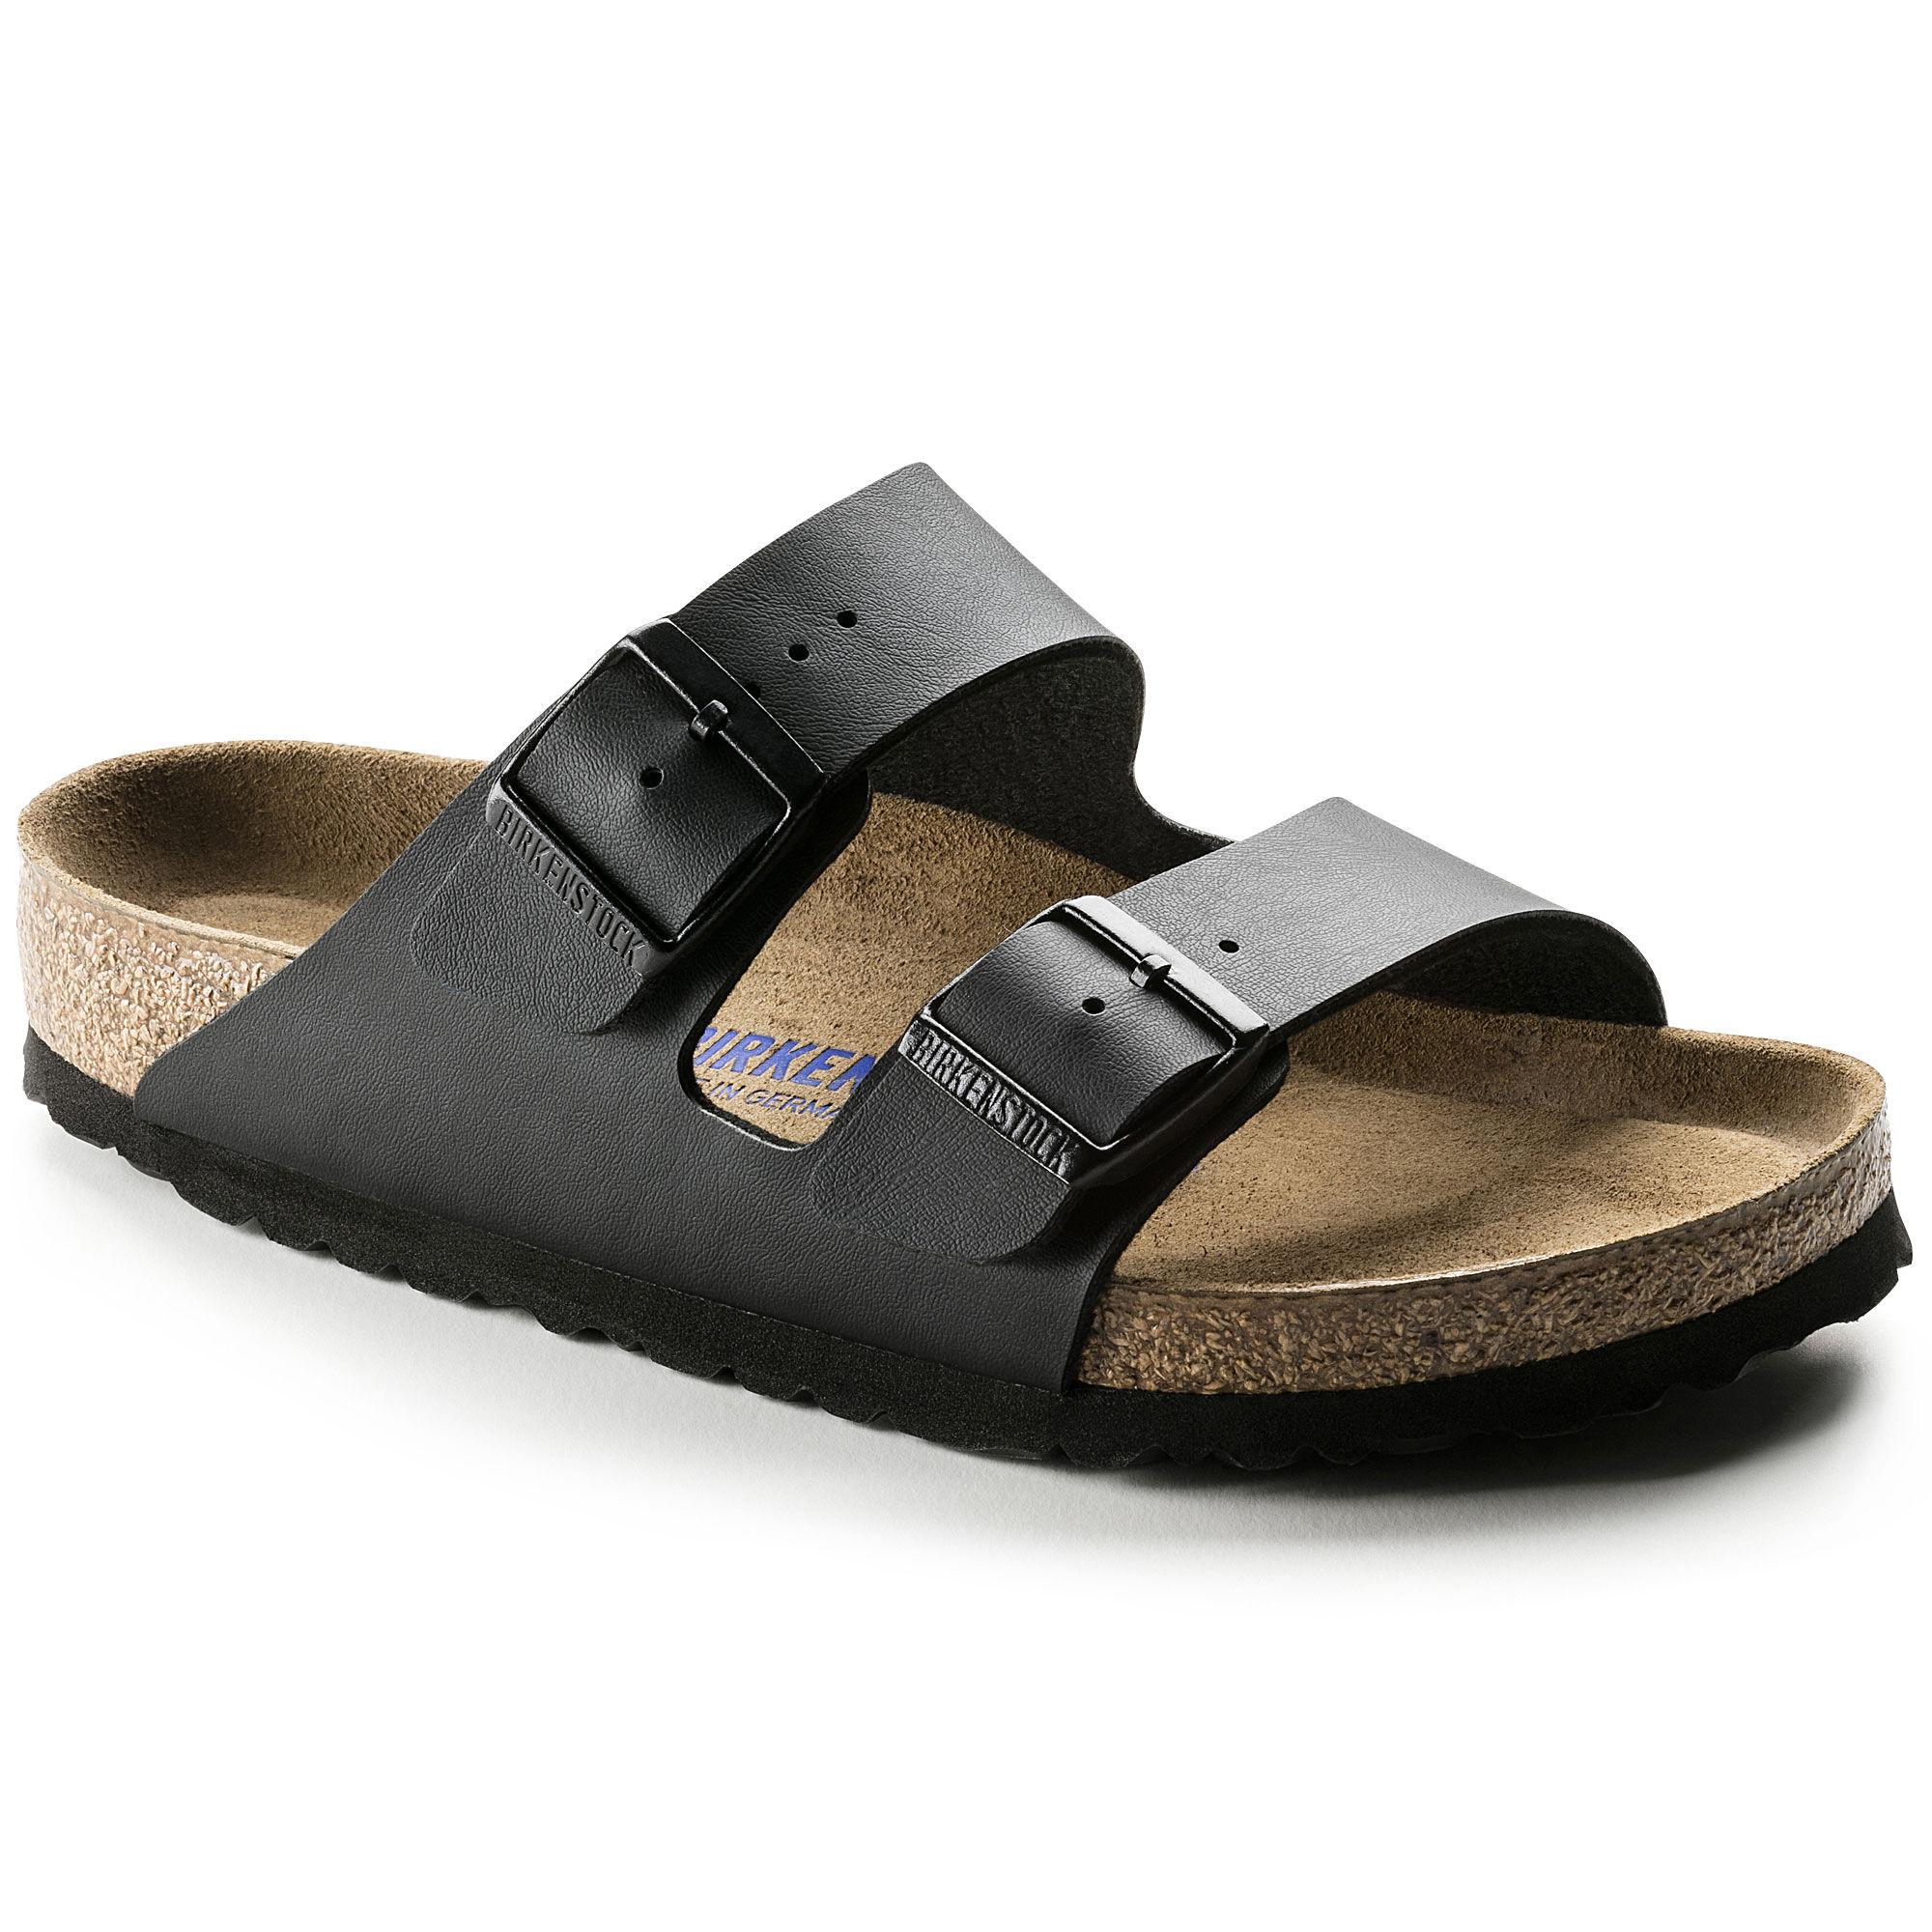 Birkenstock Arizona Soft Footbed Black Birko-Flor Sandals